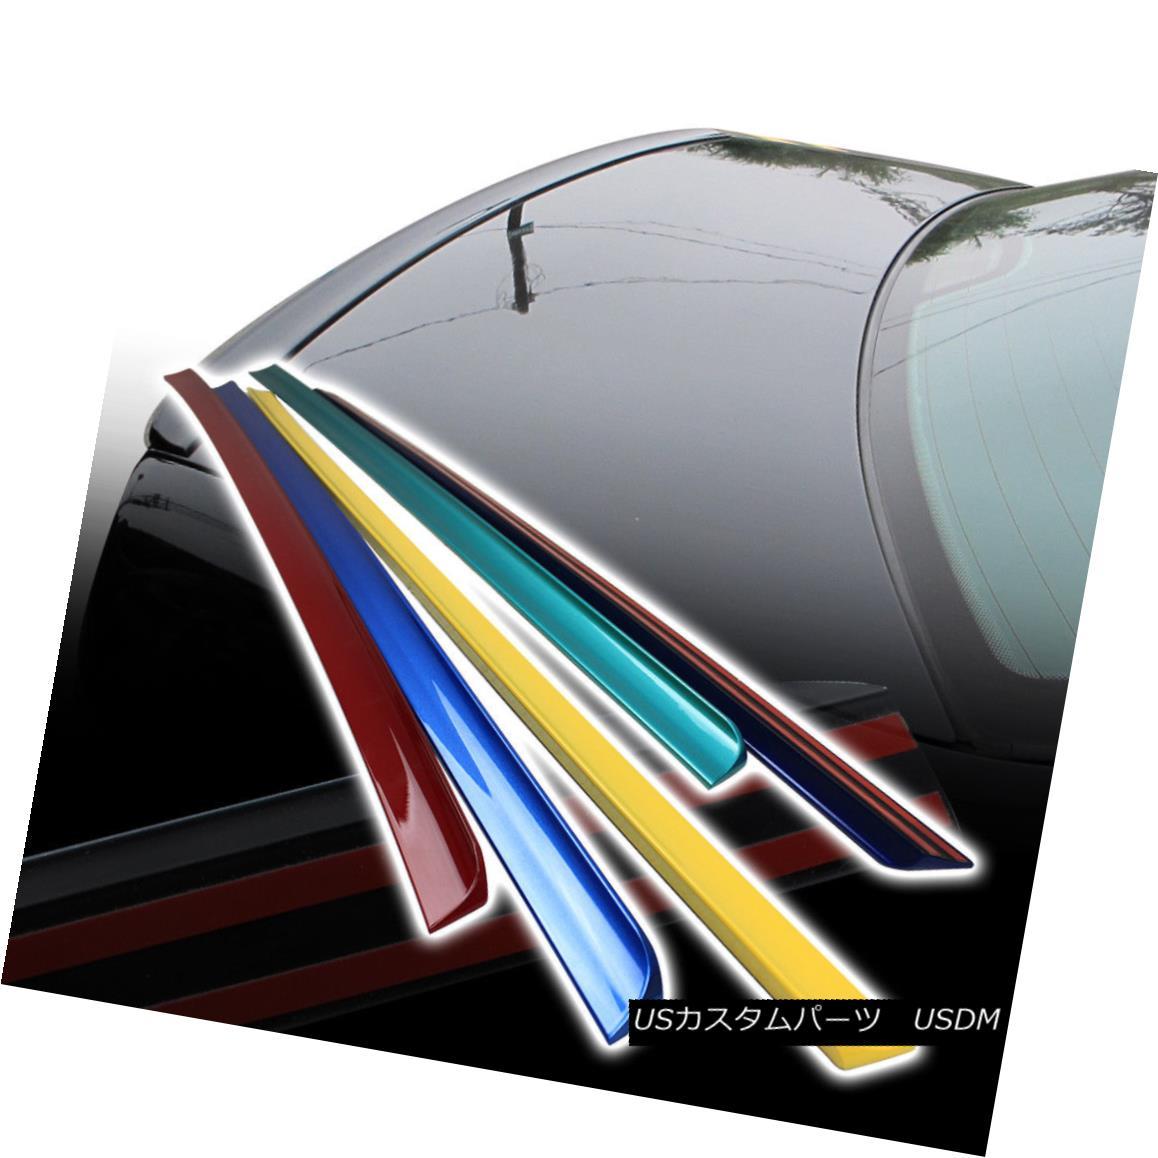 エアロパーツ For ACURA 04-08 TSX Sedan Rear Trunk Lip Spoiler Wing Painted PUF ACURA 04-08 TSXセダンリアトランクリップスポイラーウイング用PUF